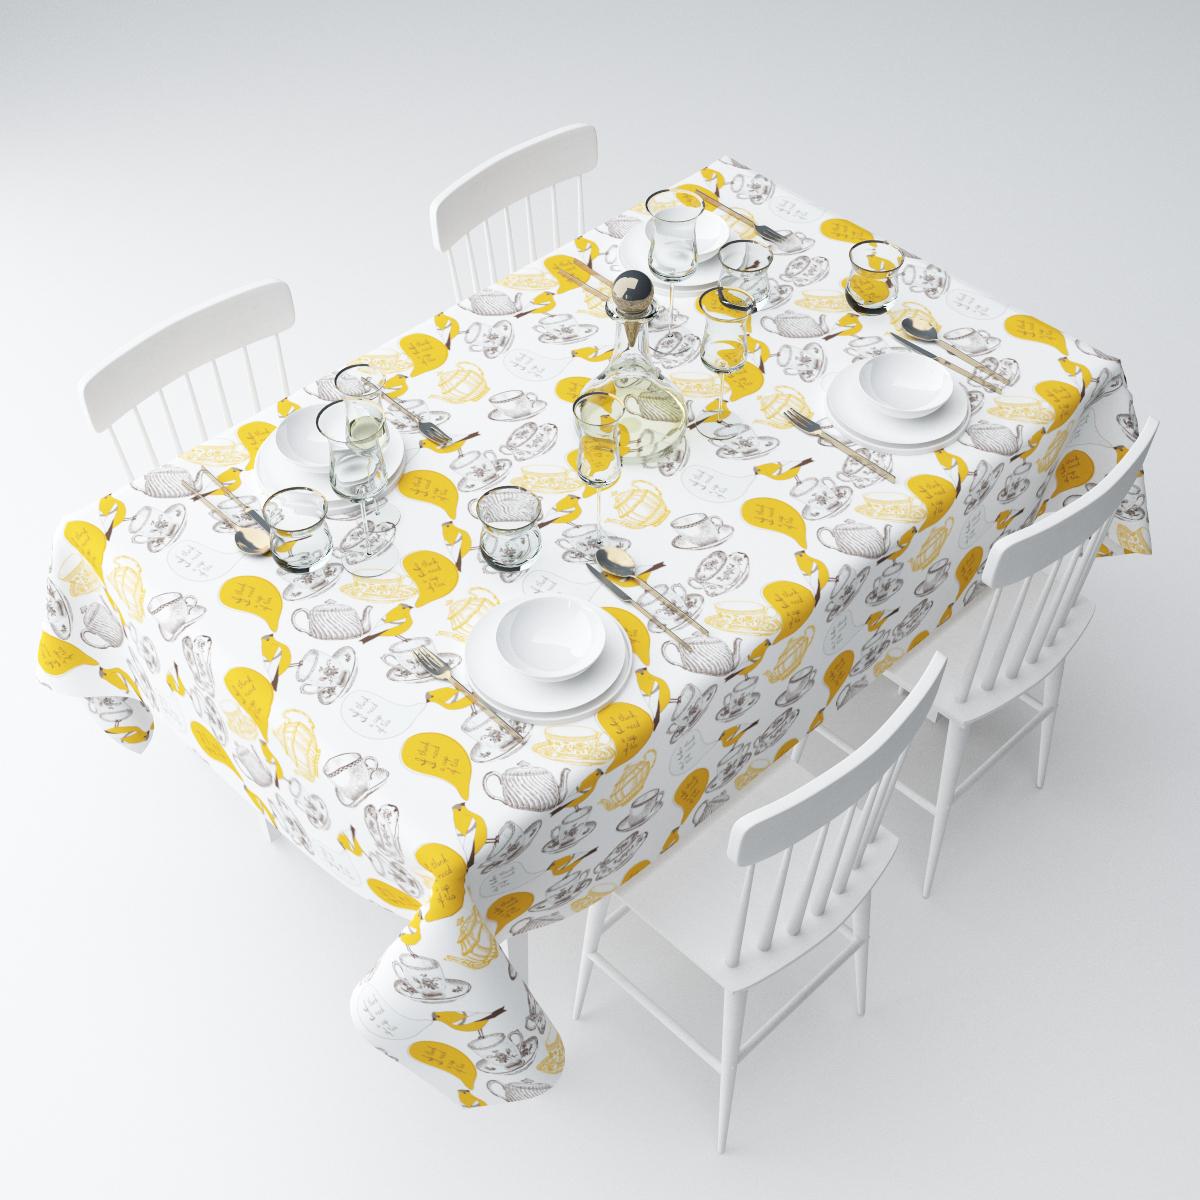 Скатерть Сирень Чашка чая, прямоугольная, 145 х 220 смСКГБ004-04463Прямоугольная скатерть Сирень Чашка чая, выполненная изгабардина с ярким рисунком, преобразит вашу кухню, визуальнорасширит пространство, создаст атмосферу радости и комфорта.Рекомендации по уходу: стирка при 30 градусах, гладить при температуре до 110градусов. Размер скатерти: 145 х 220 см.Изображение может немного отличаться от реального.